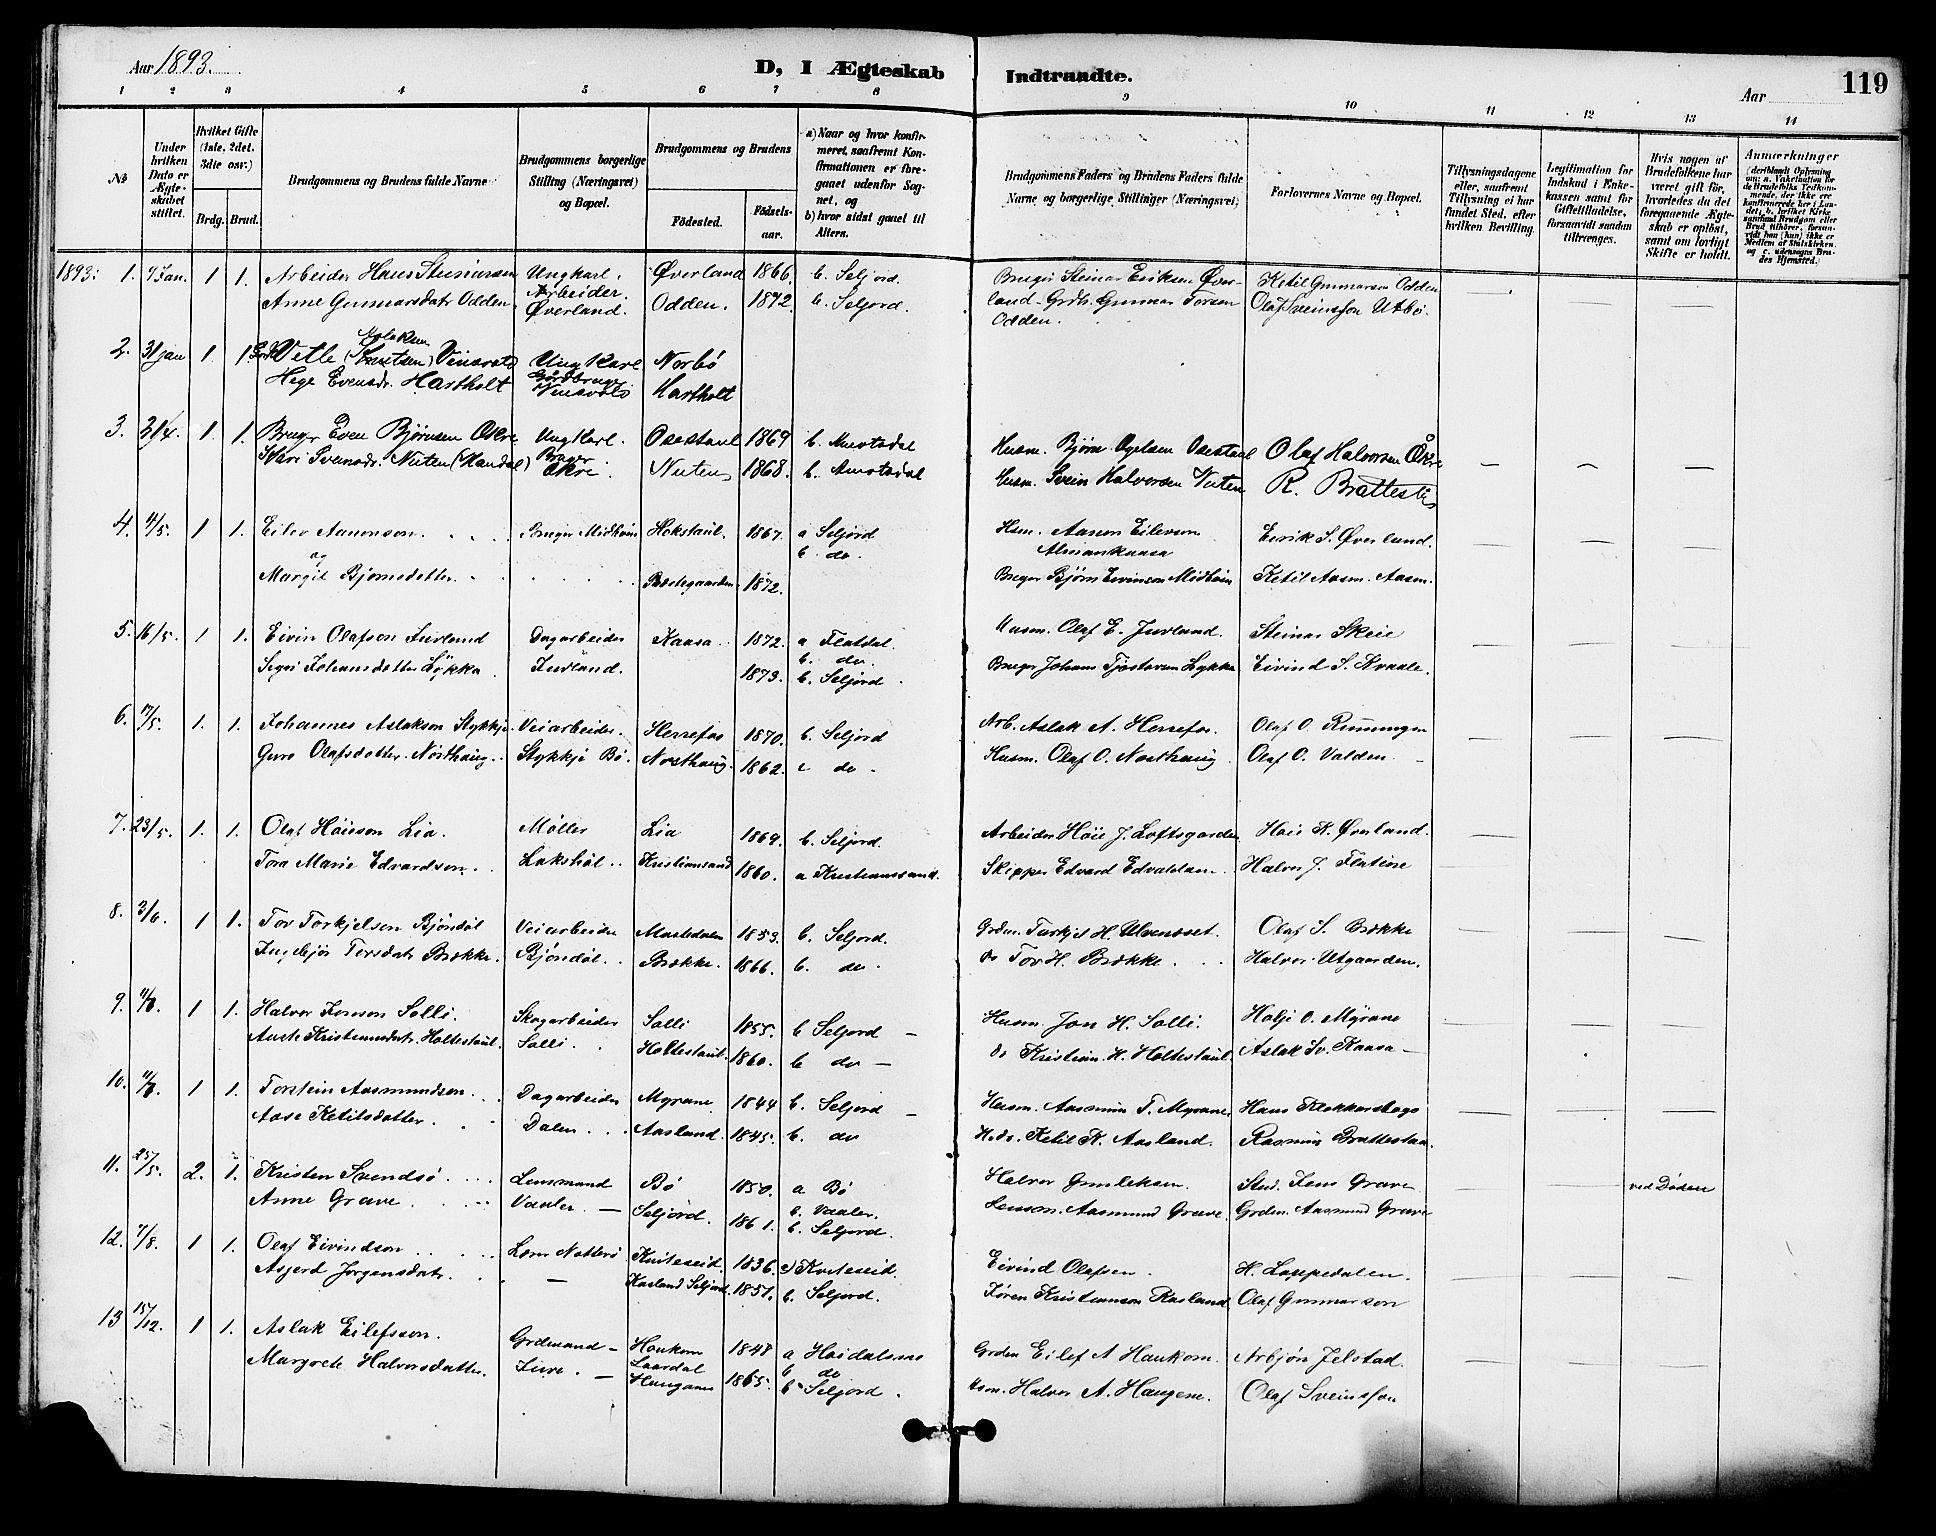 SAKO, Seljord kirkebøker, G/Ga/L0005: Klokkerbok nr. I 5, 1887-1914, s. 119